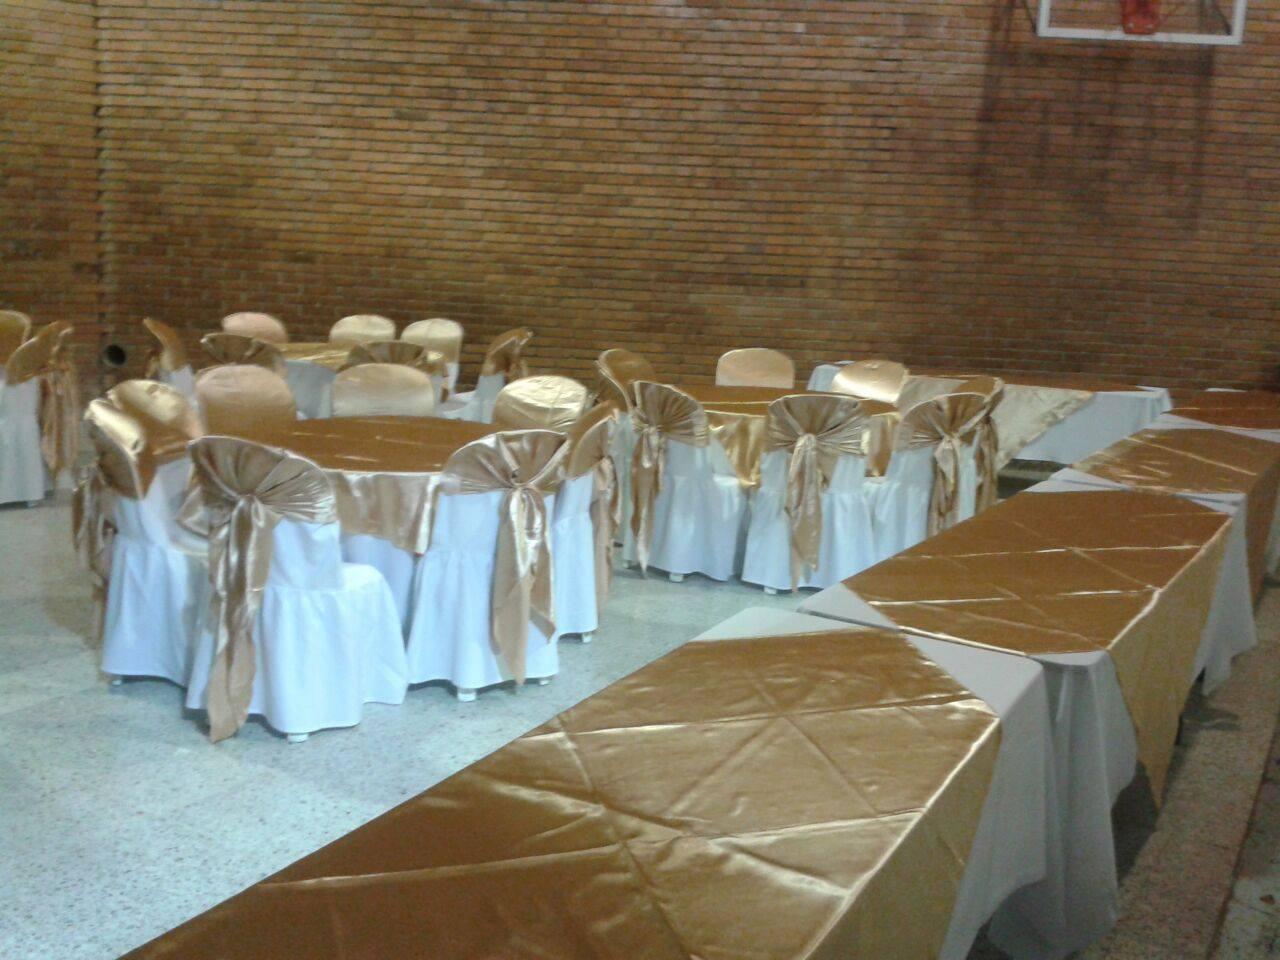 lbumes de fotos  Alquiler de sillas Bogot  eventos